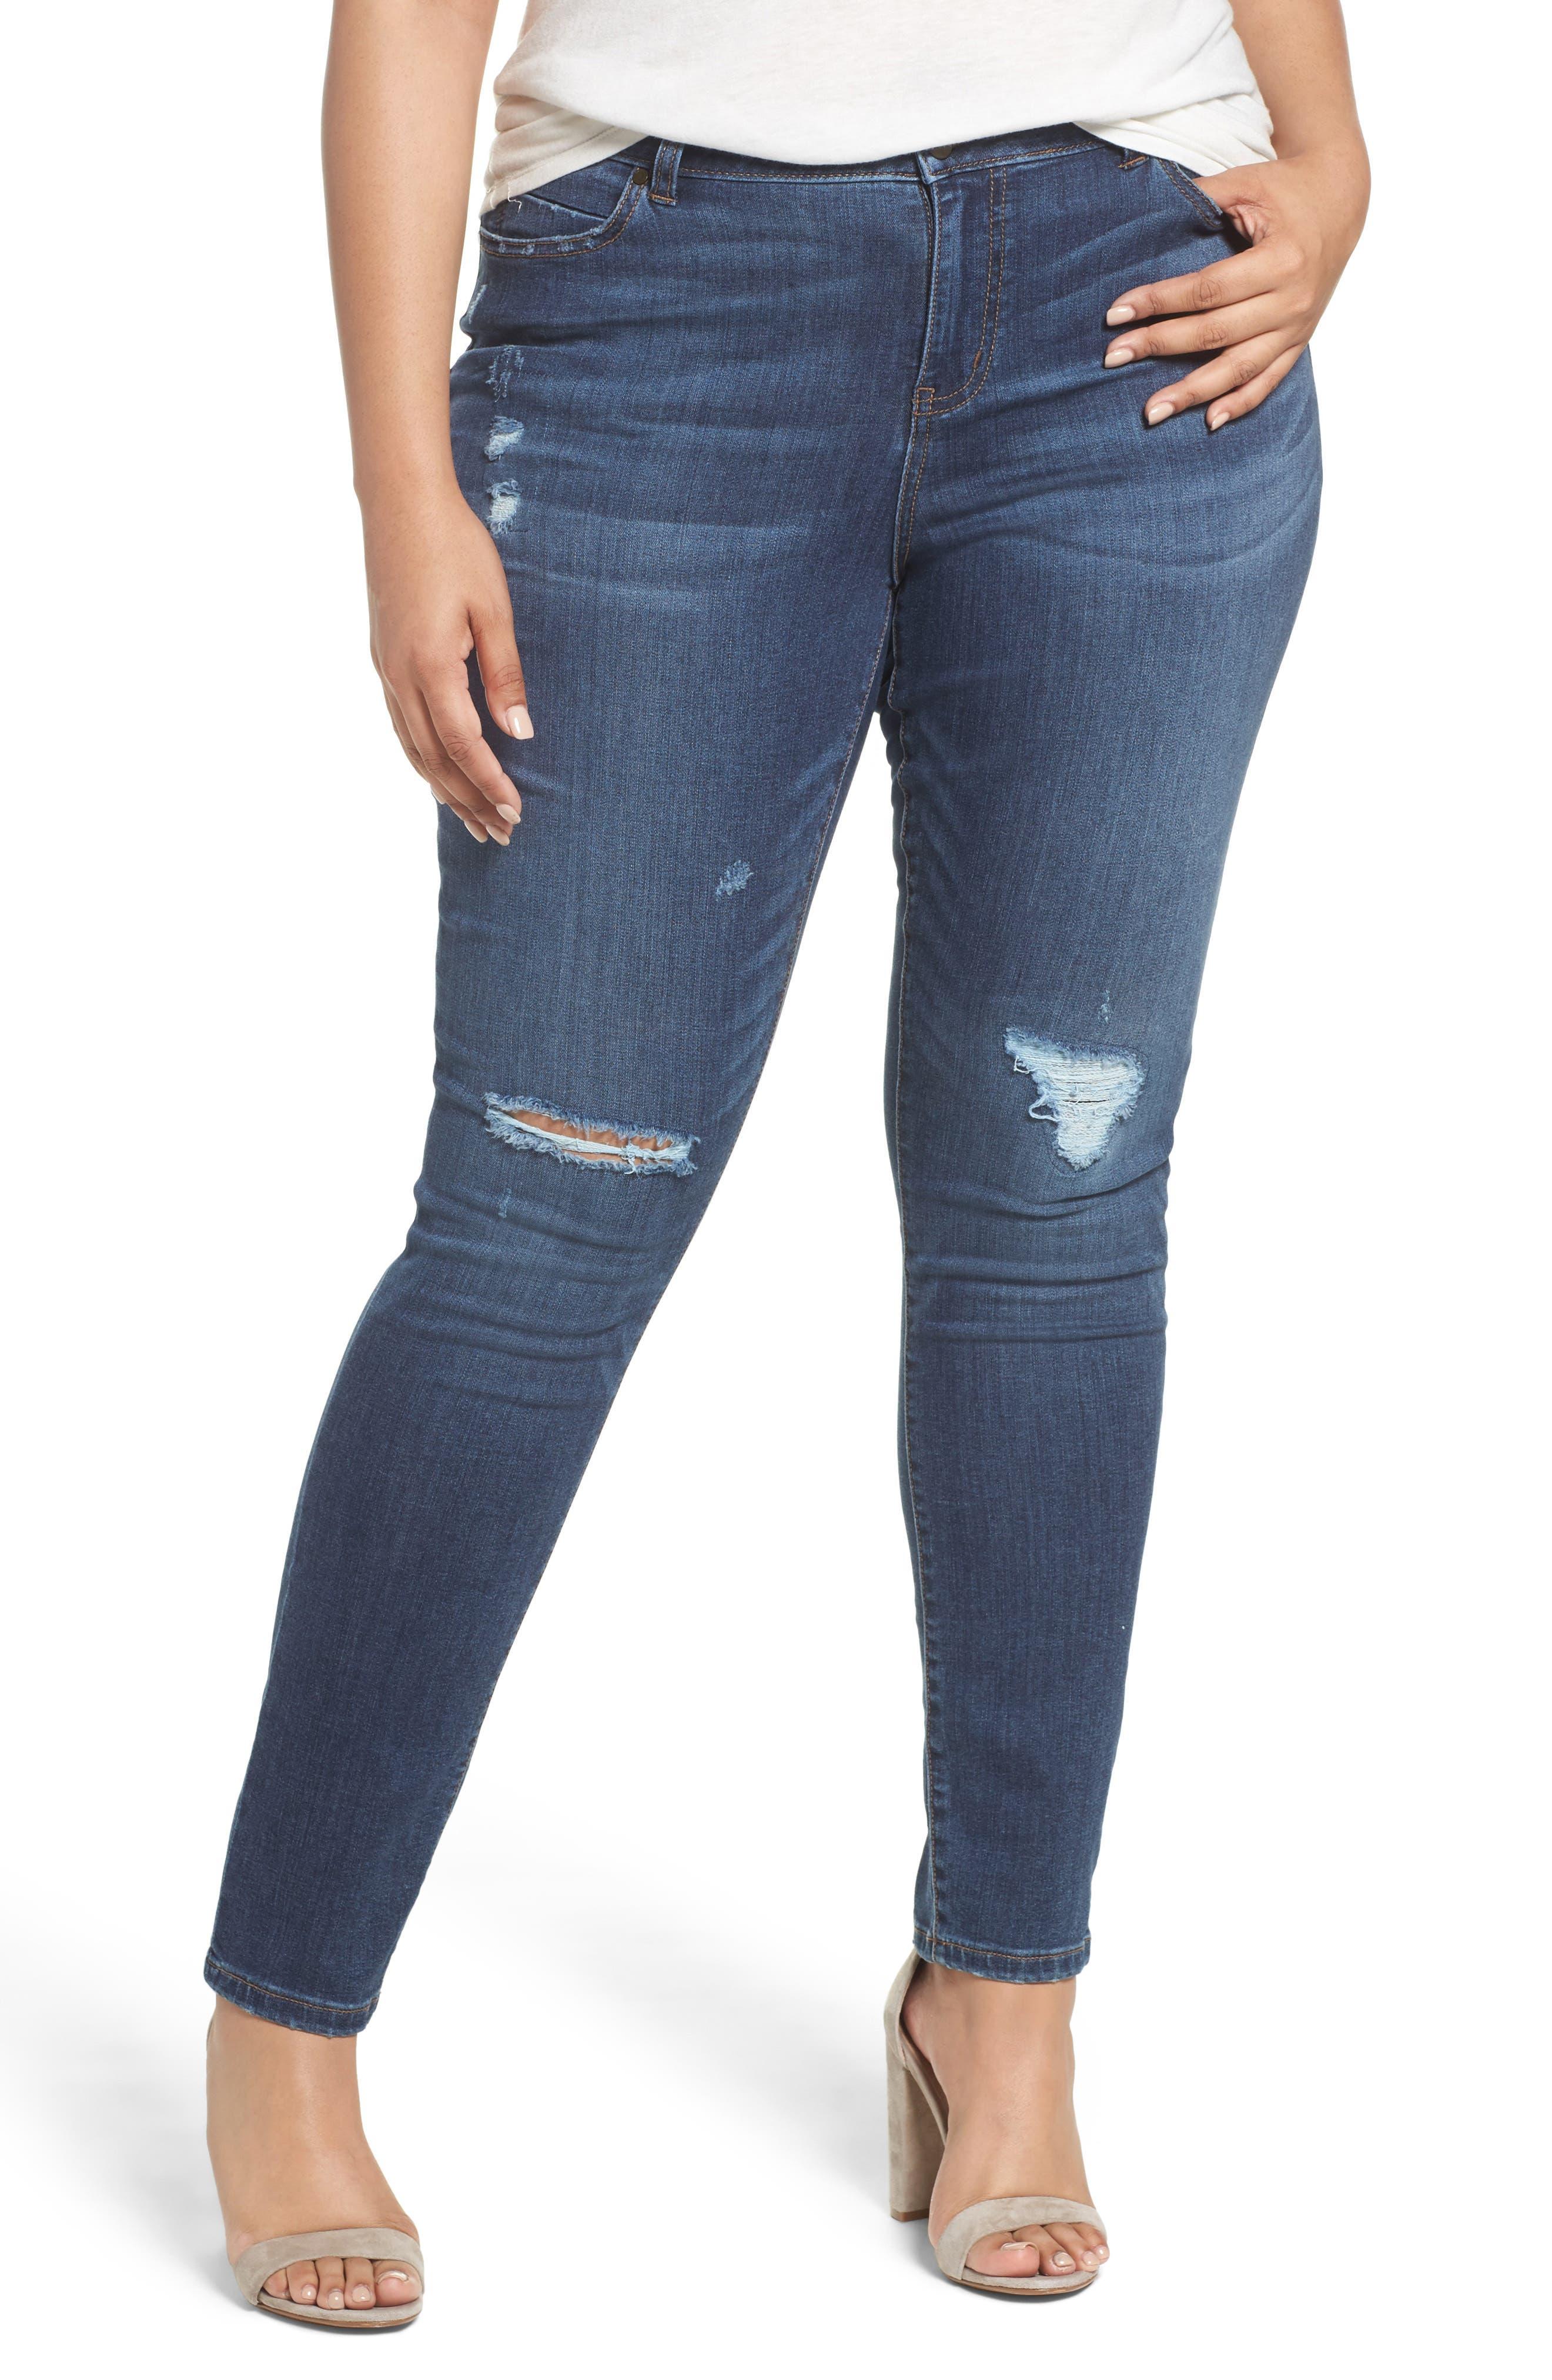 Rip Repair Skinny Jeans,                         Main,                         color, Blue Octavia Wash